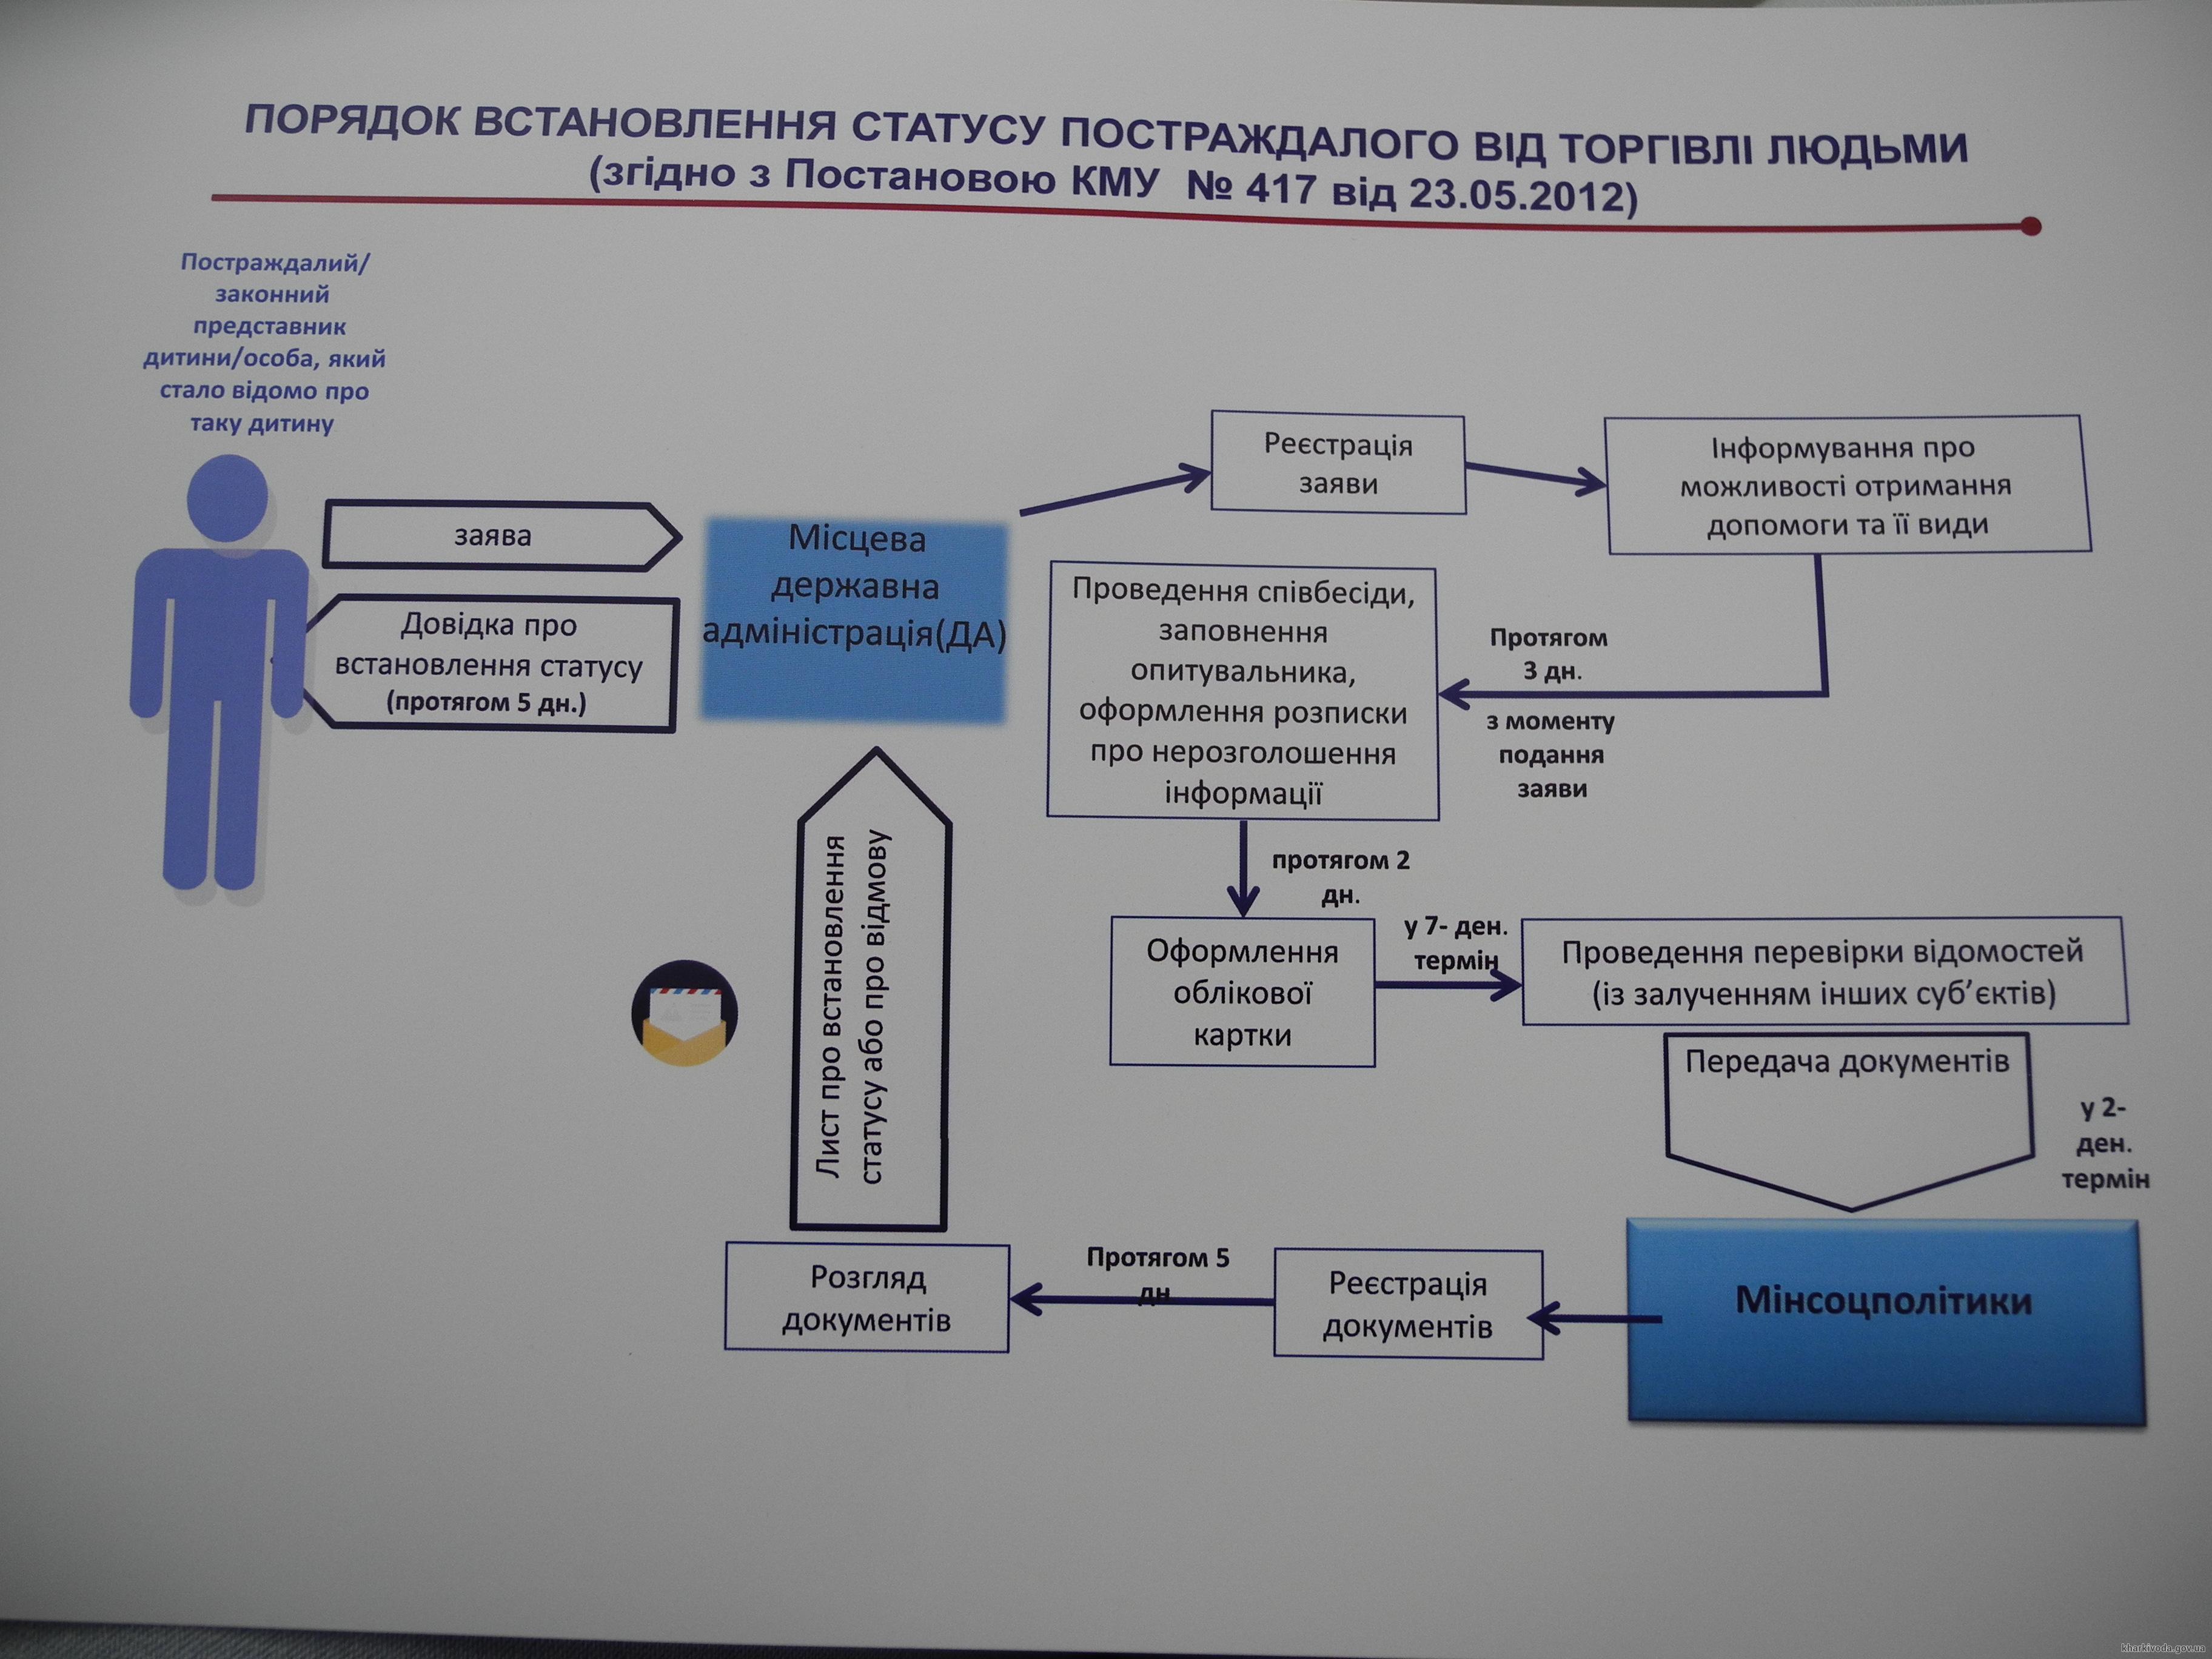 Порядок установления официального статуса пострадавшего от торговли людьми. Графика: kharkivoda.gov.ua